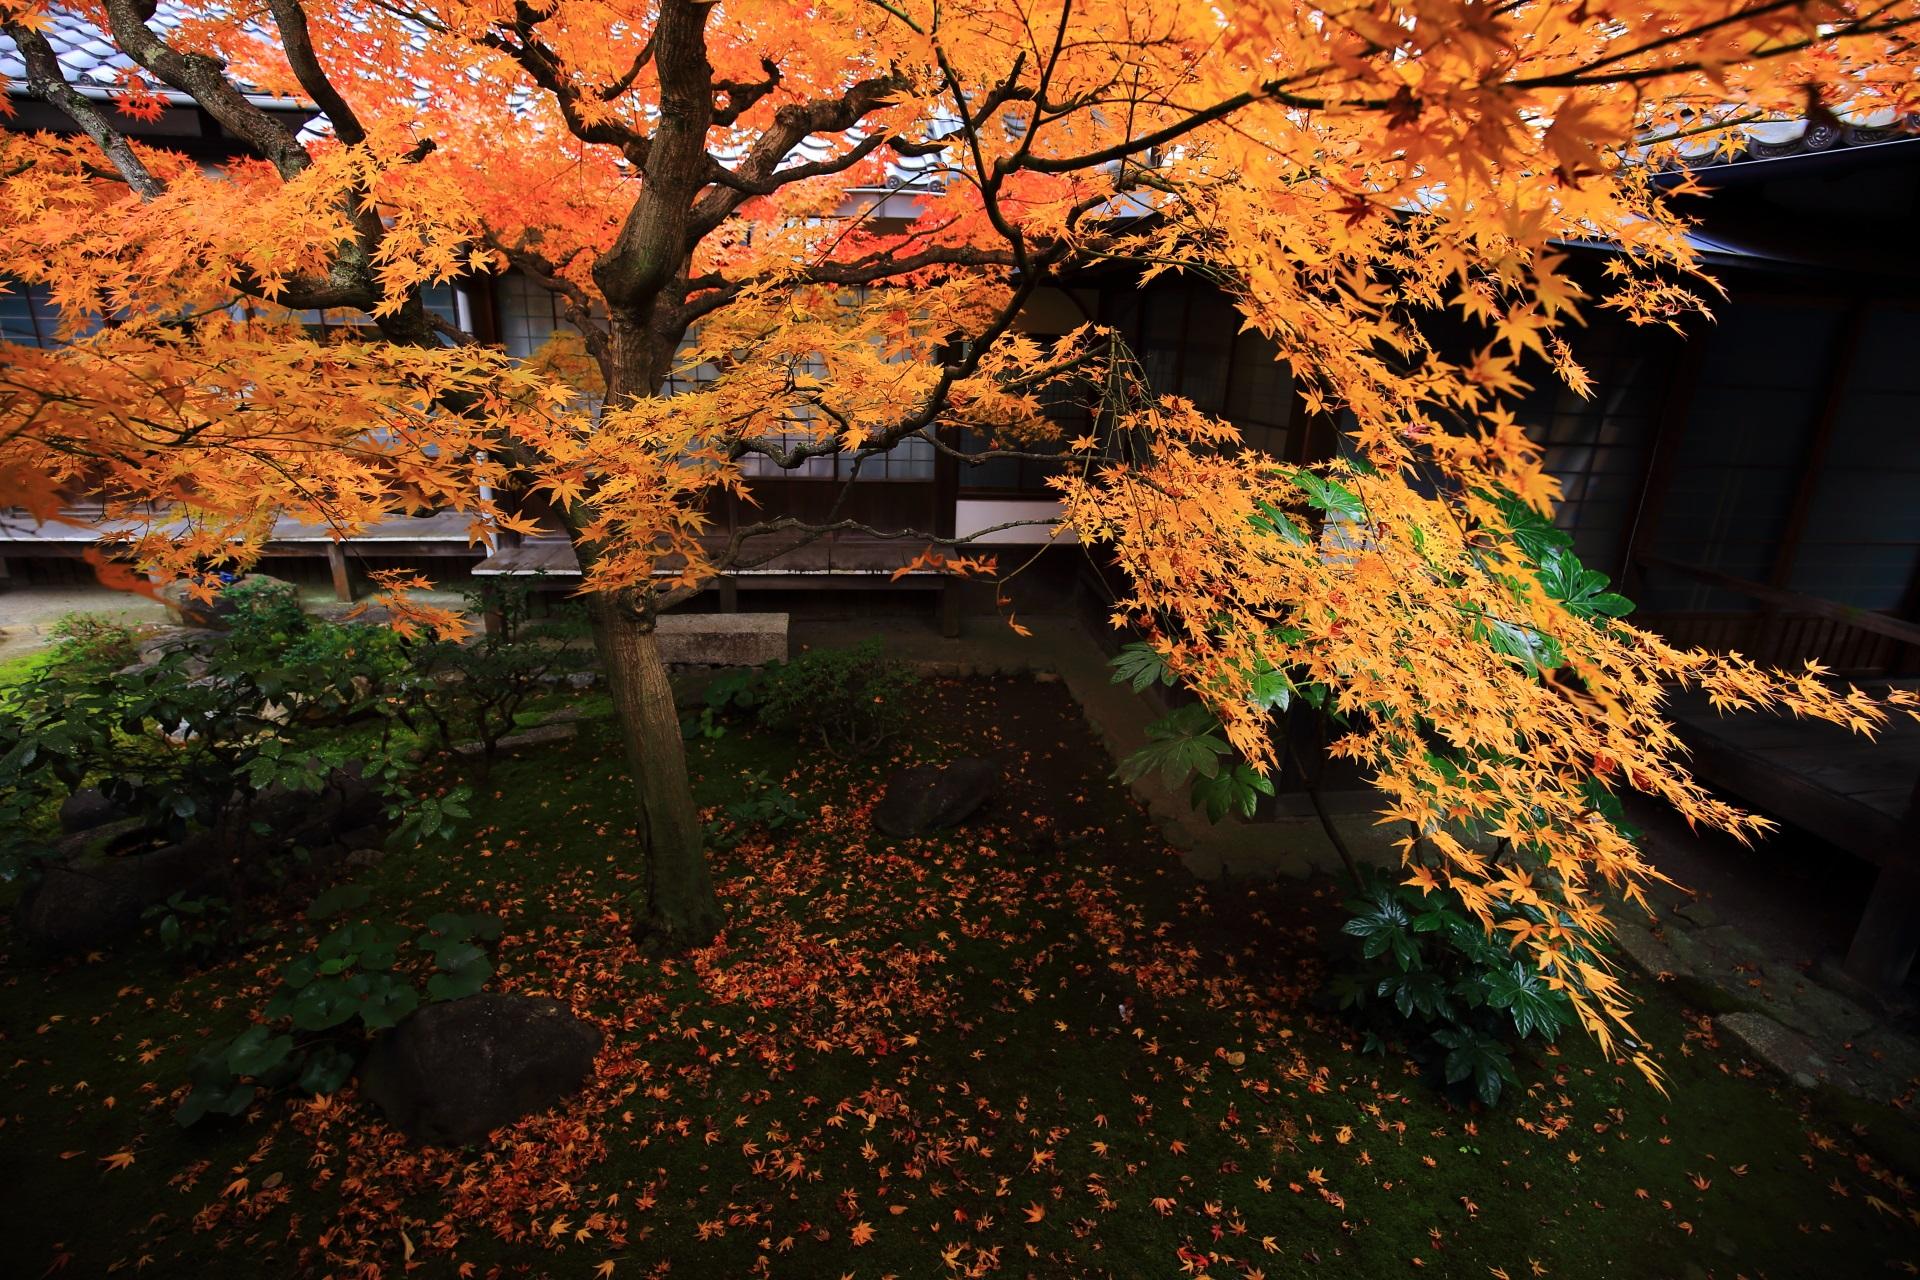 本法寺の苔の上の見事な紅葉と散りもみじ